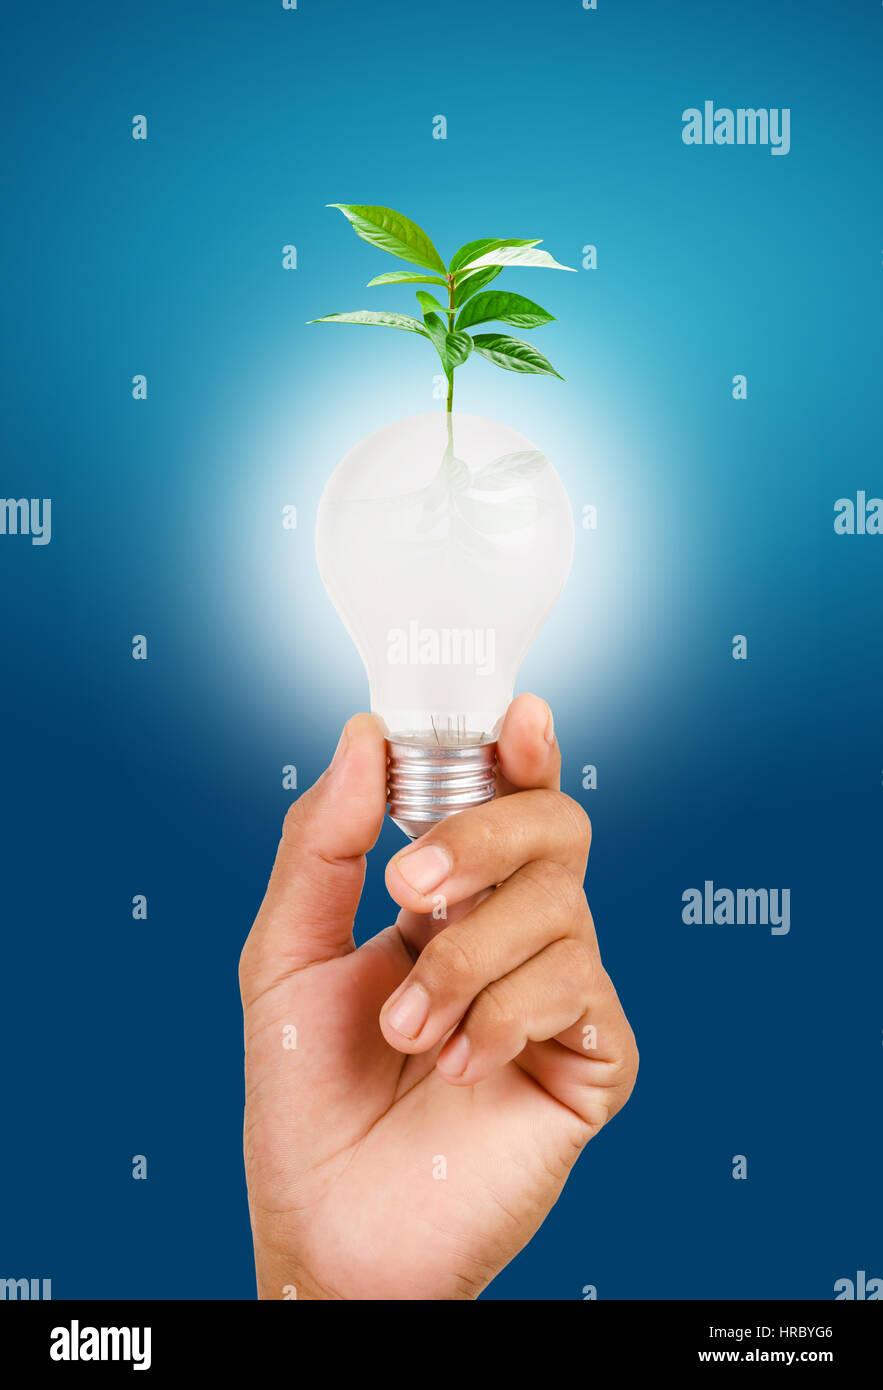 La sostenibilità delle risorse, delle fonti di energia rinnovabili e la conservazione ambientale concetto. Immagini Stock